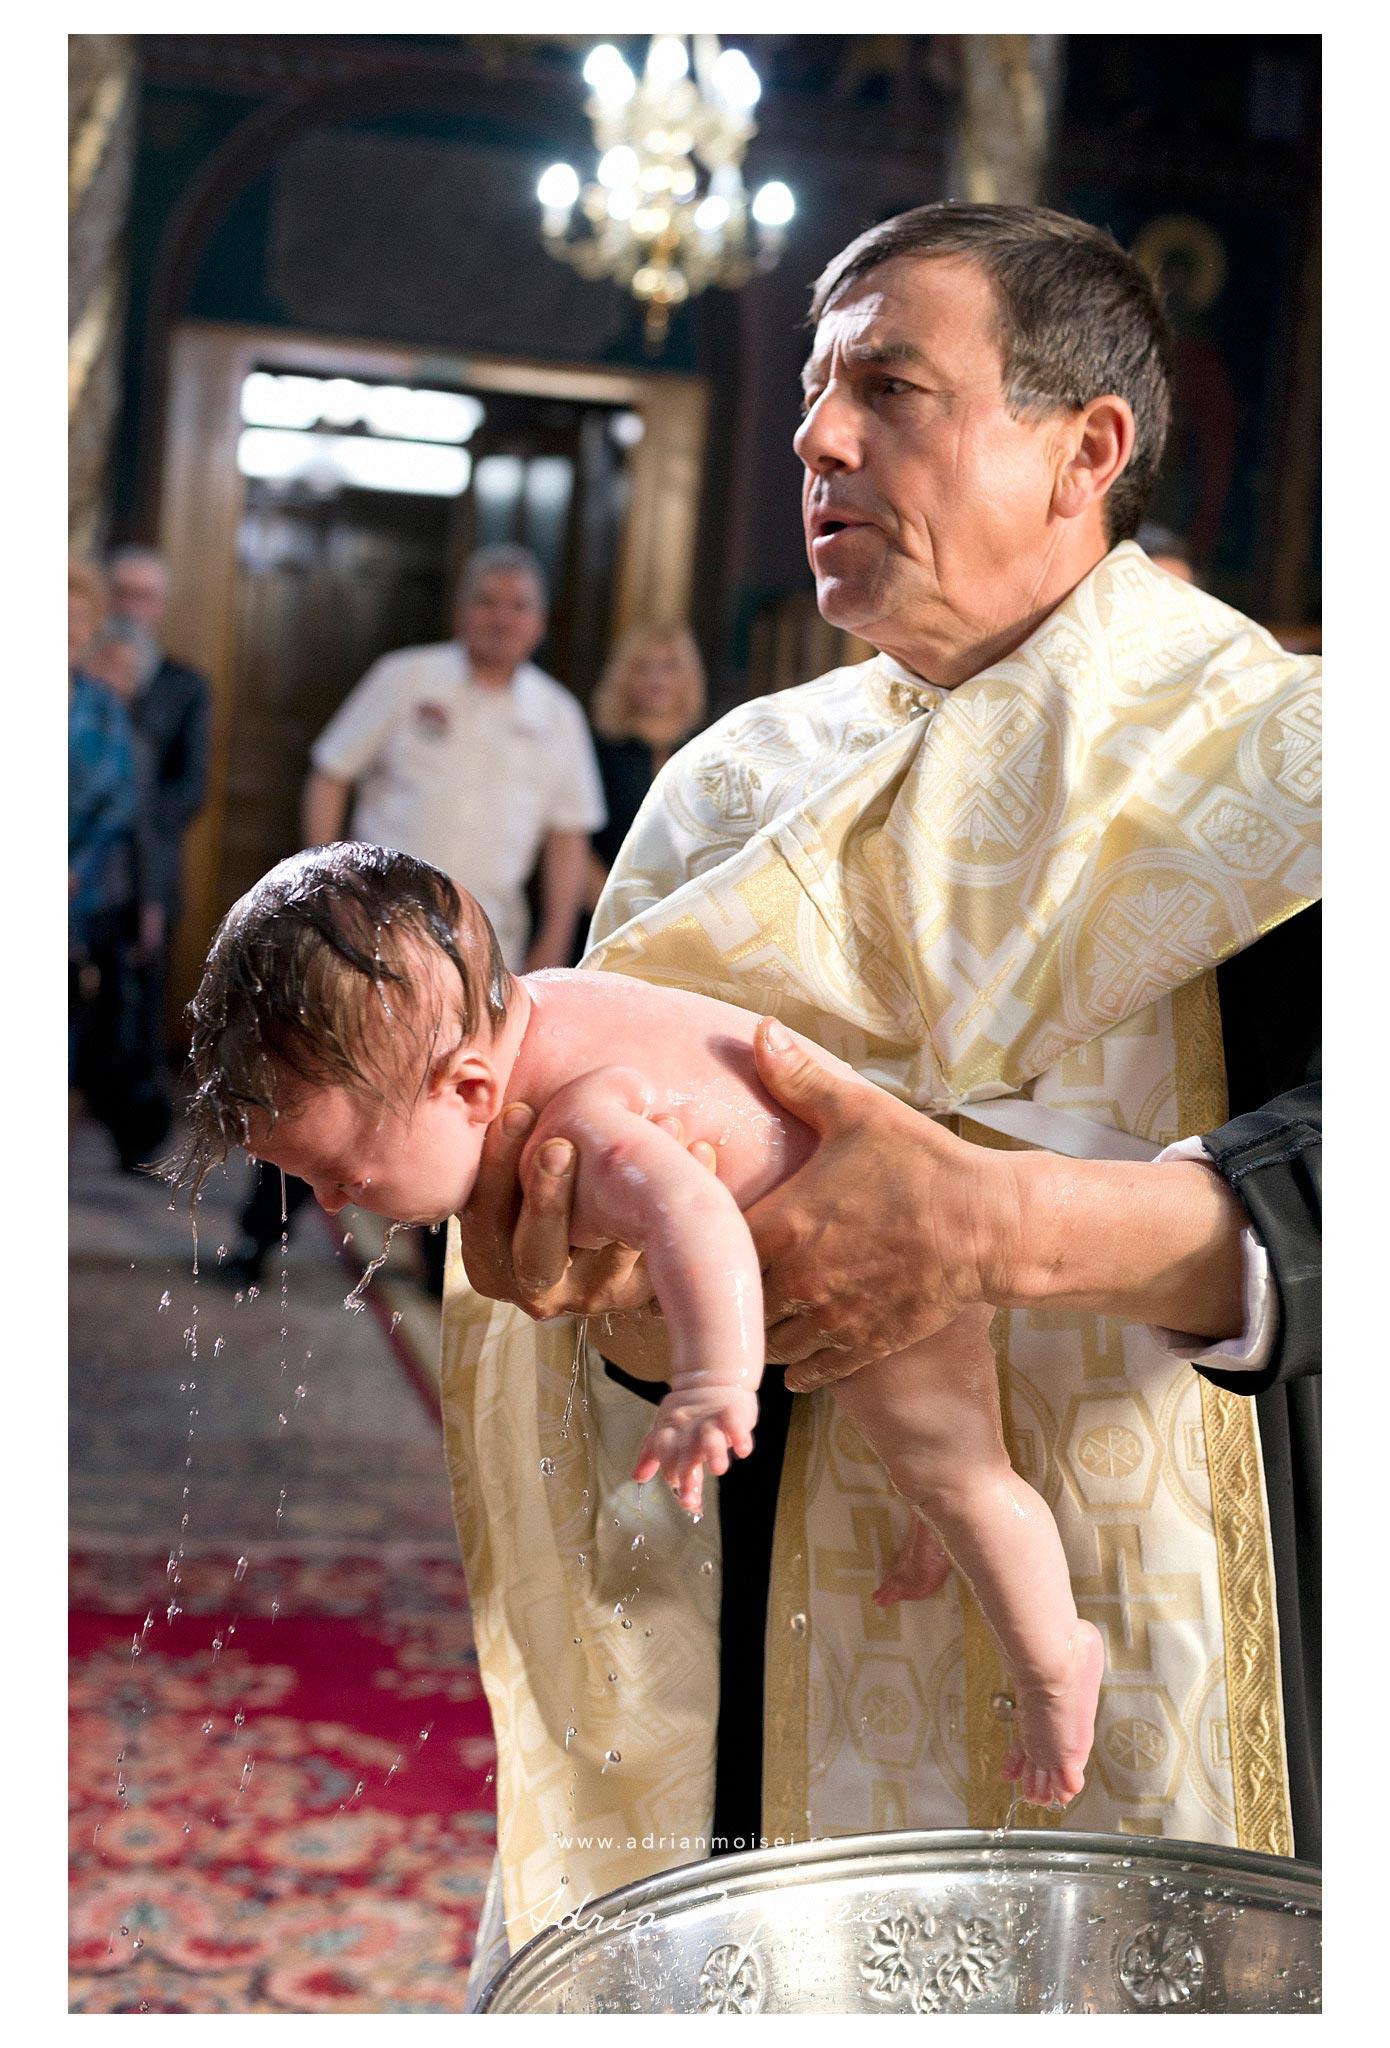 Fotografie de botez, bebelus in bratele preotului care il scoate din cristelnita, Adrian Moisei